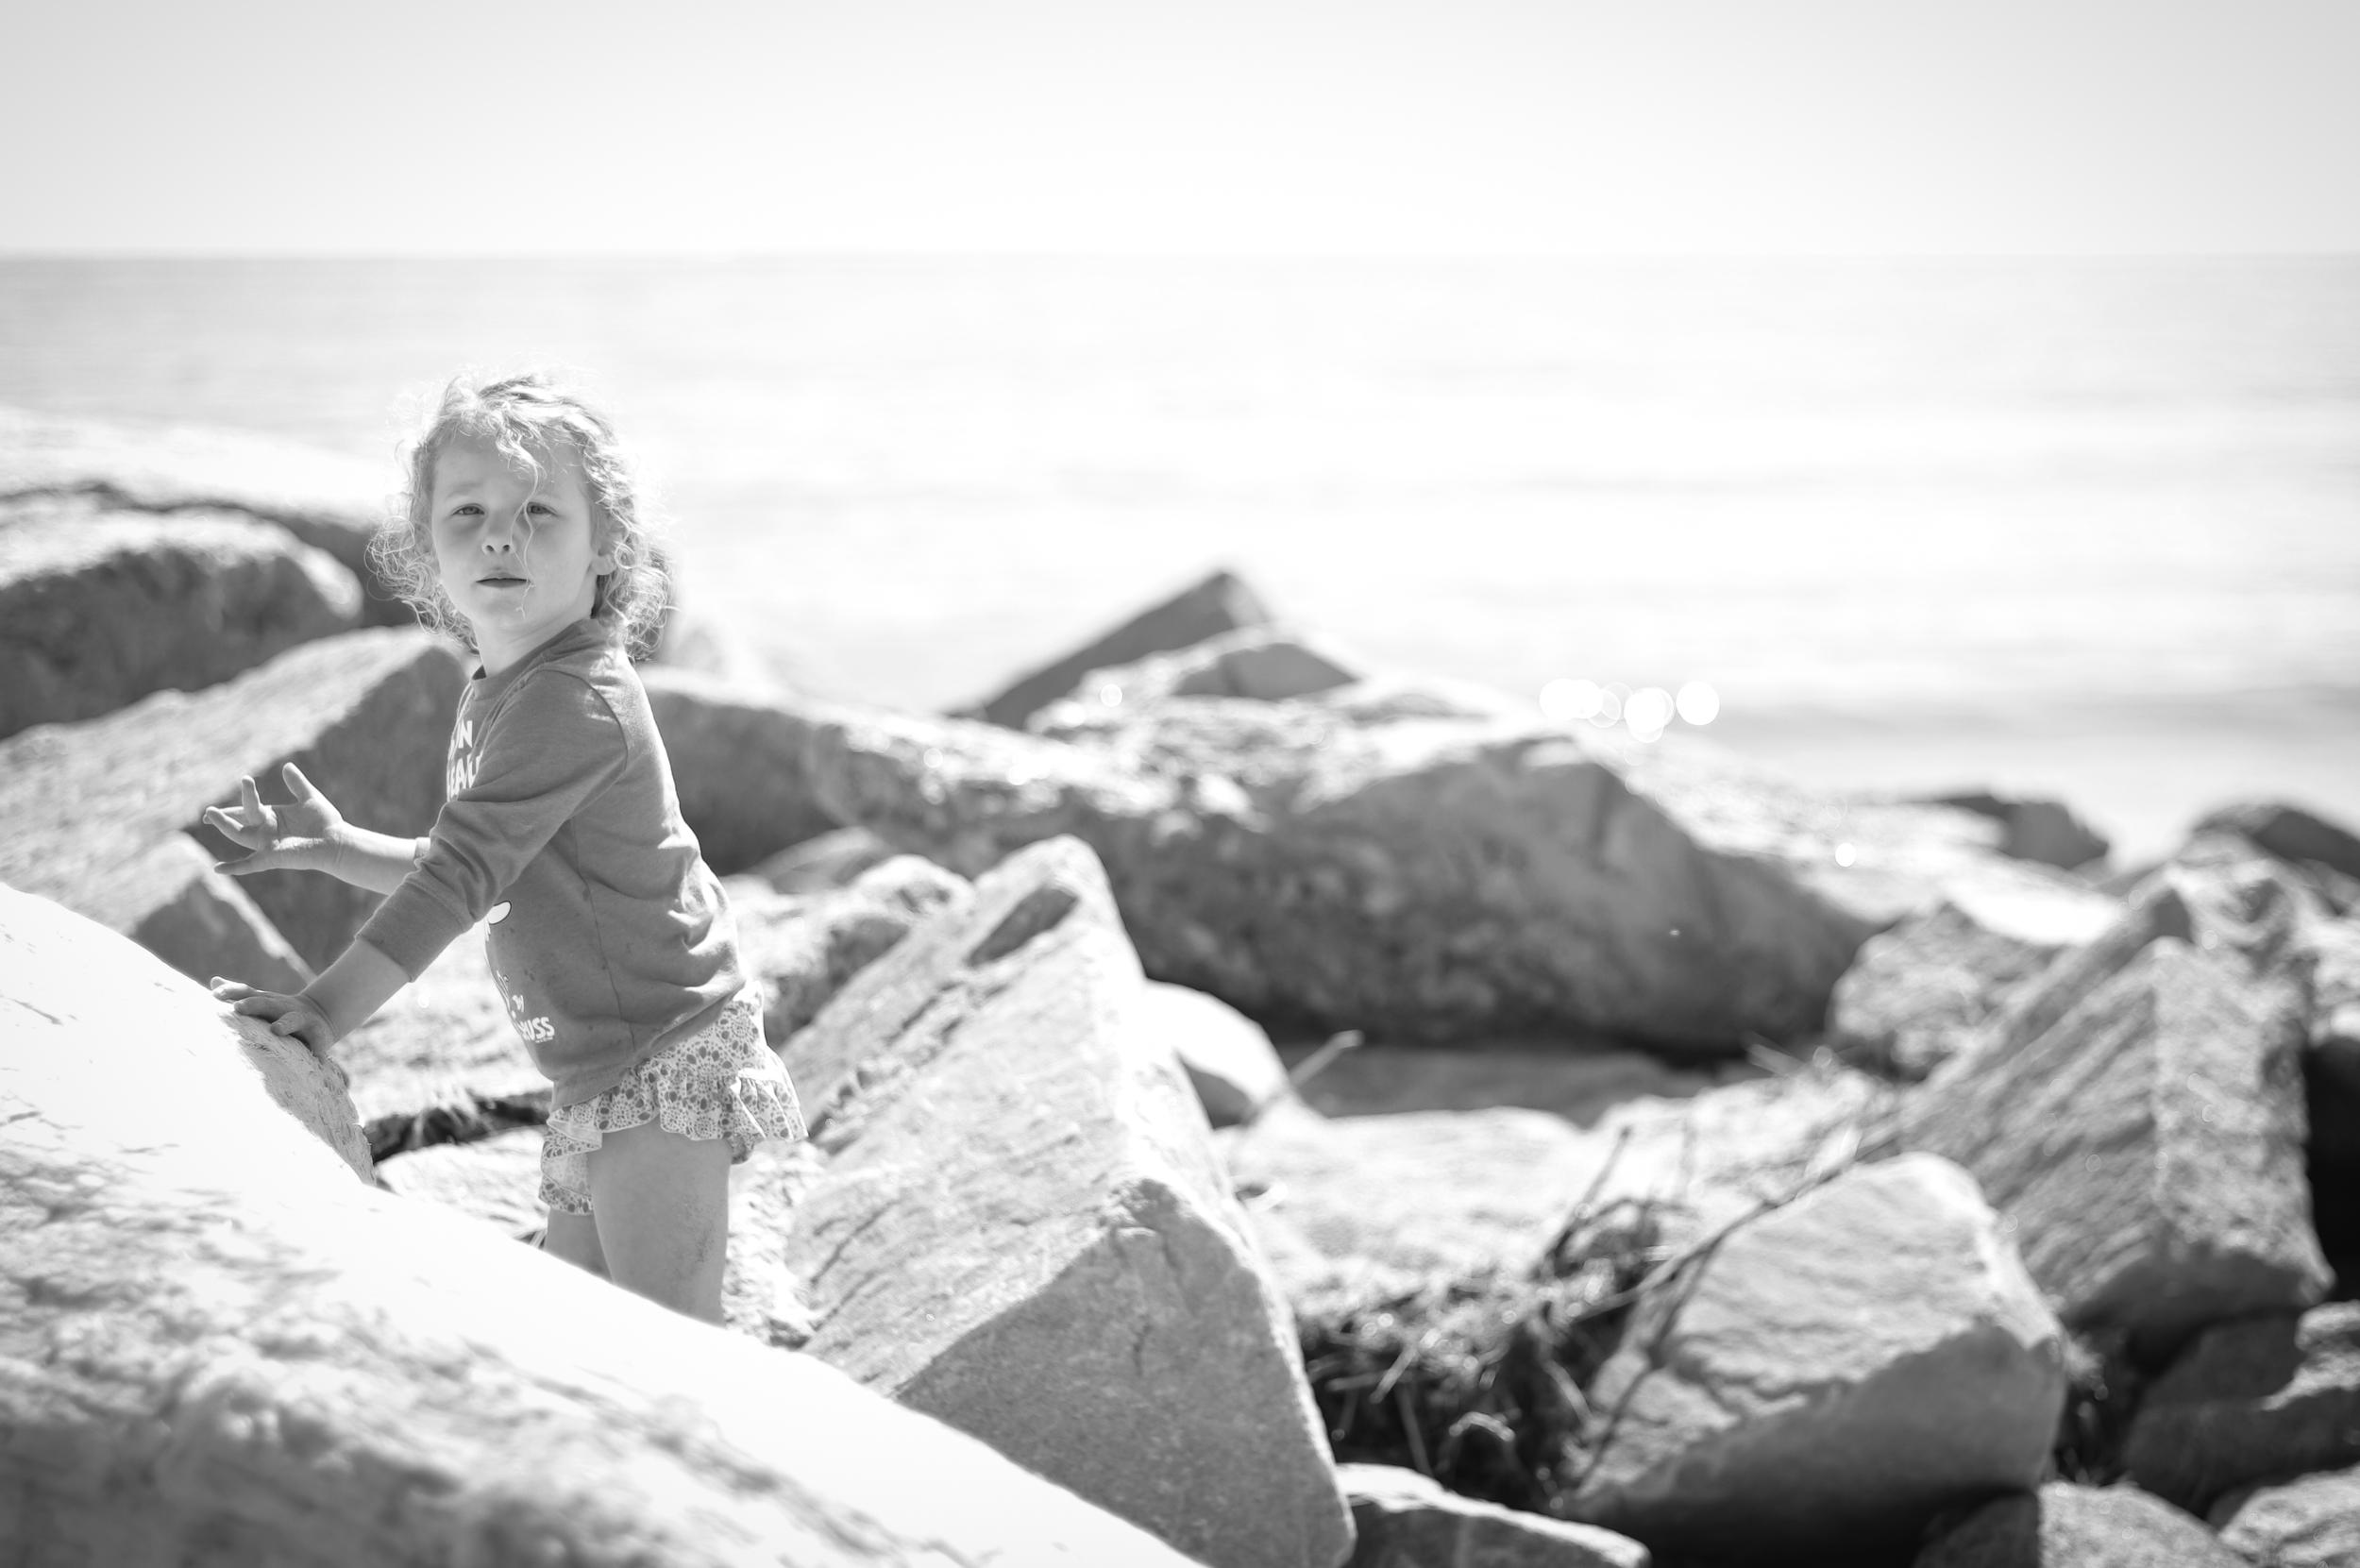 beachday-300dpi-1385